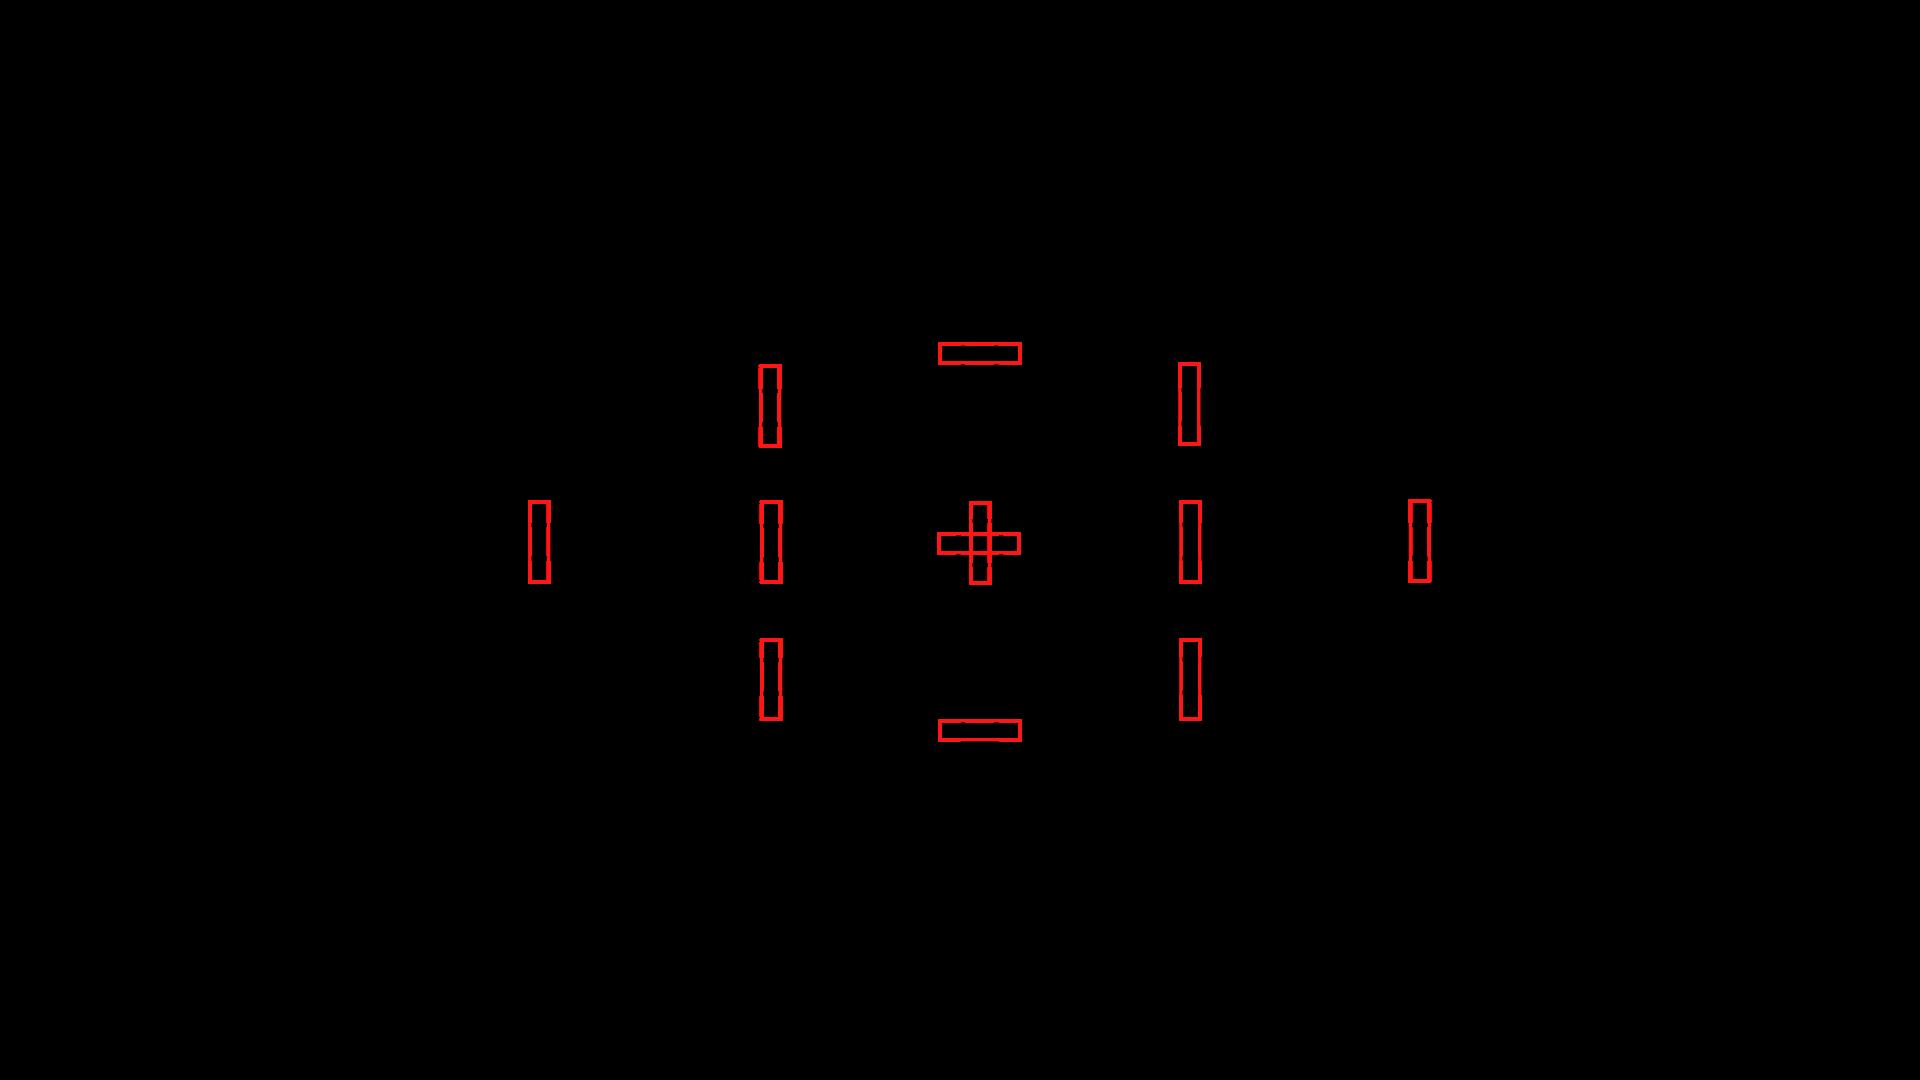 canon 6d autofókusz pontok irányultsága